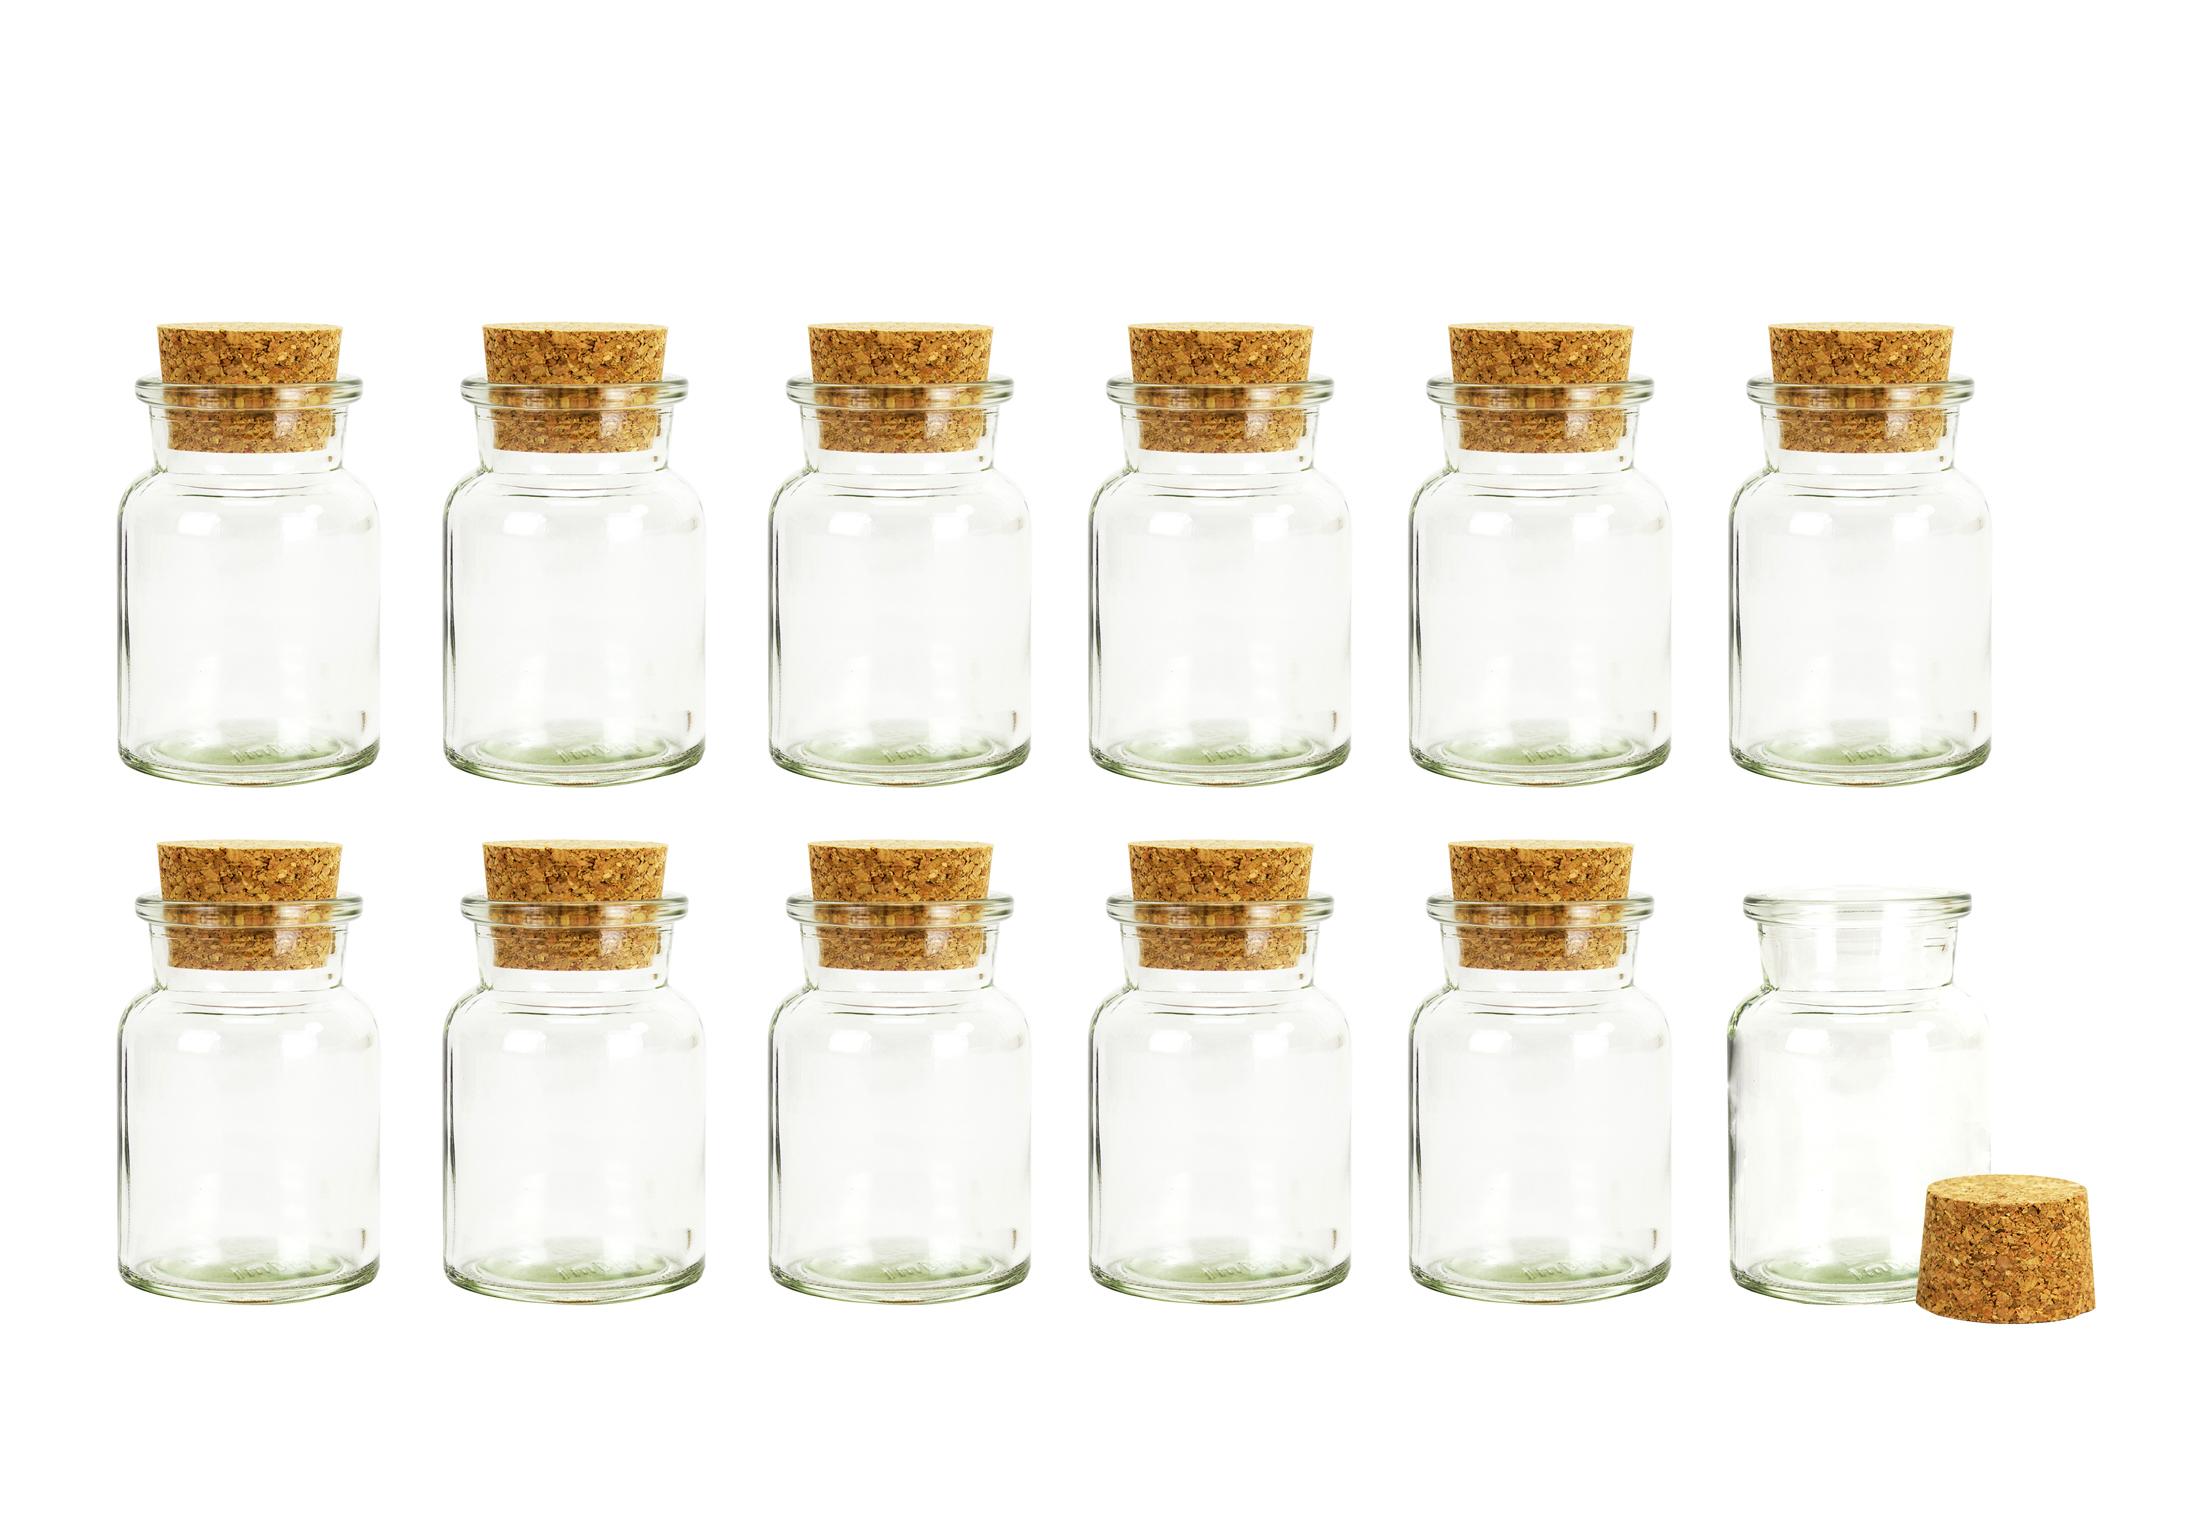 12x Gewürzgläser mit Korken-Deckel Gläser Vorrats Behälter Gewürzdosen Glas 150Q